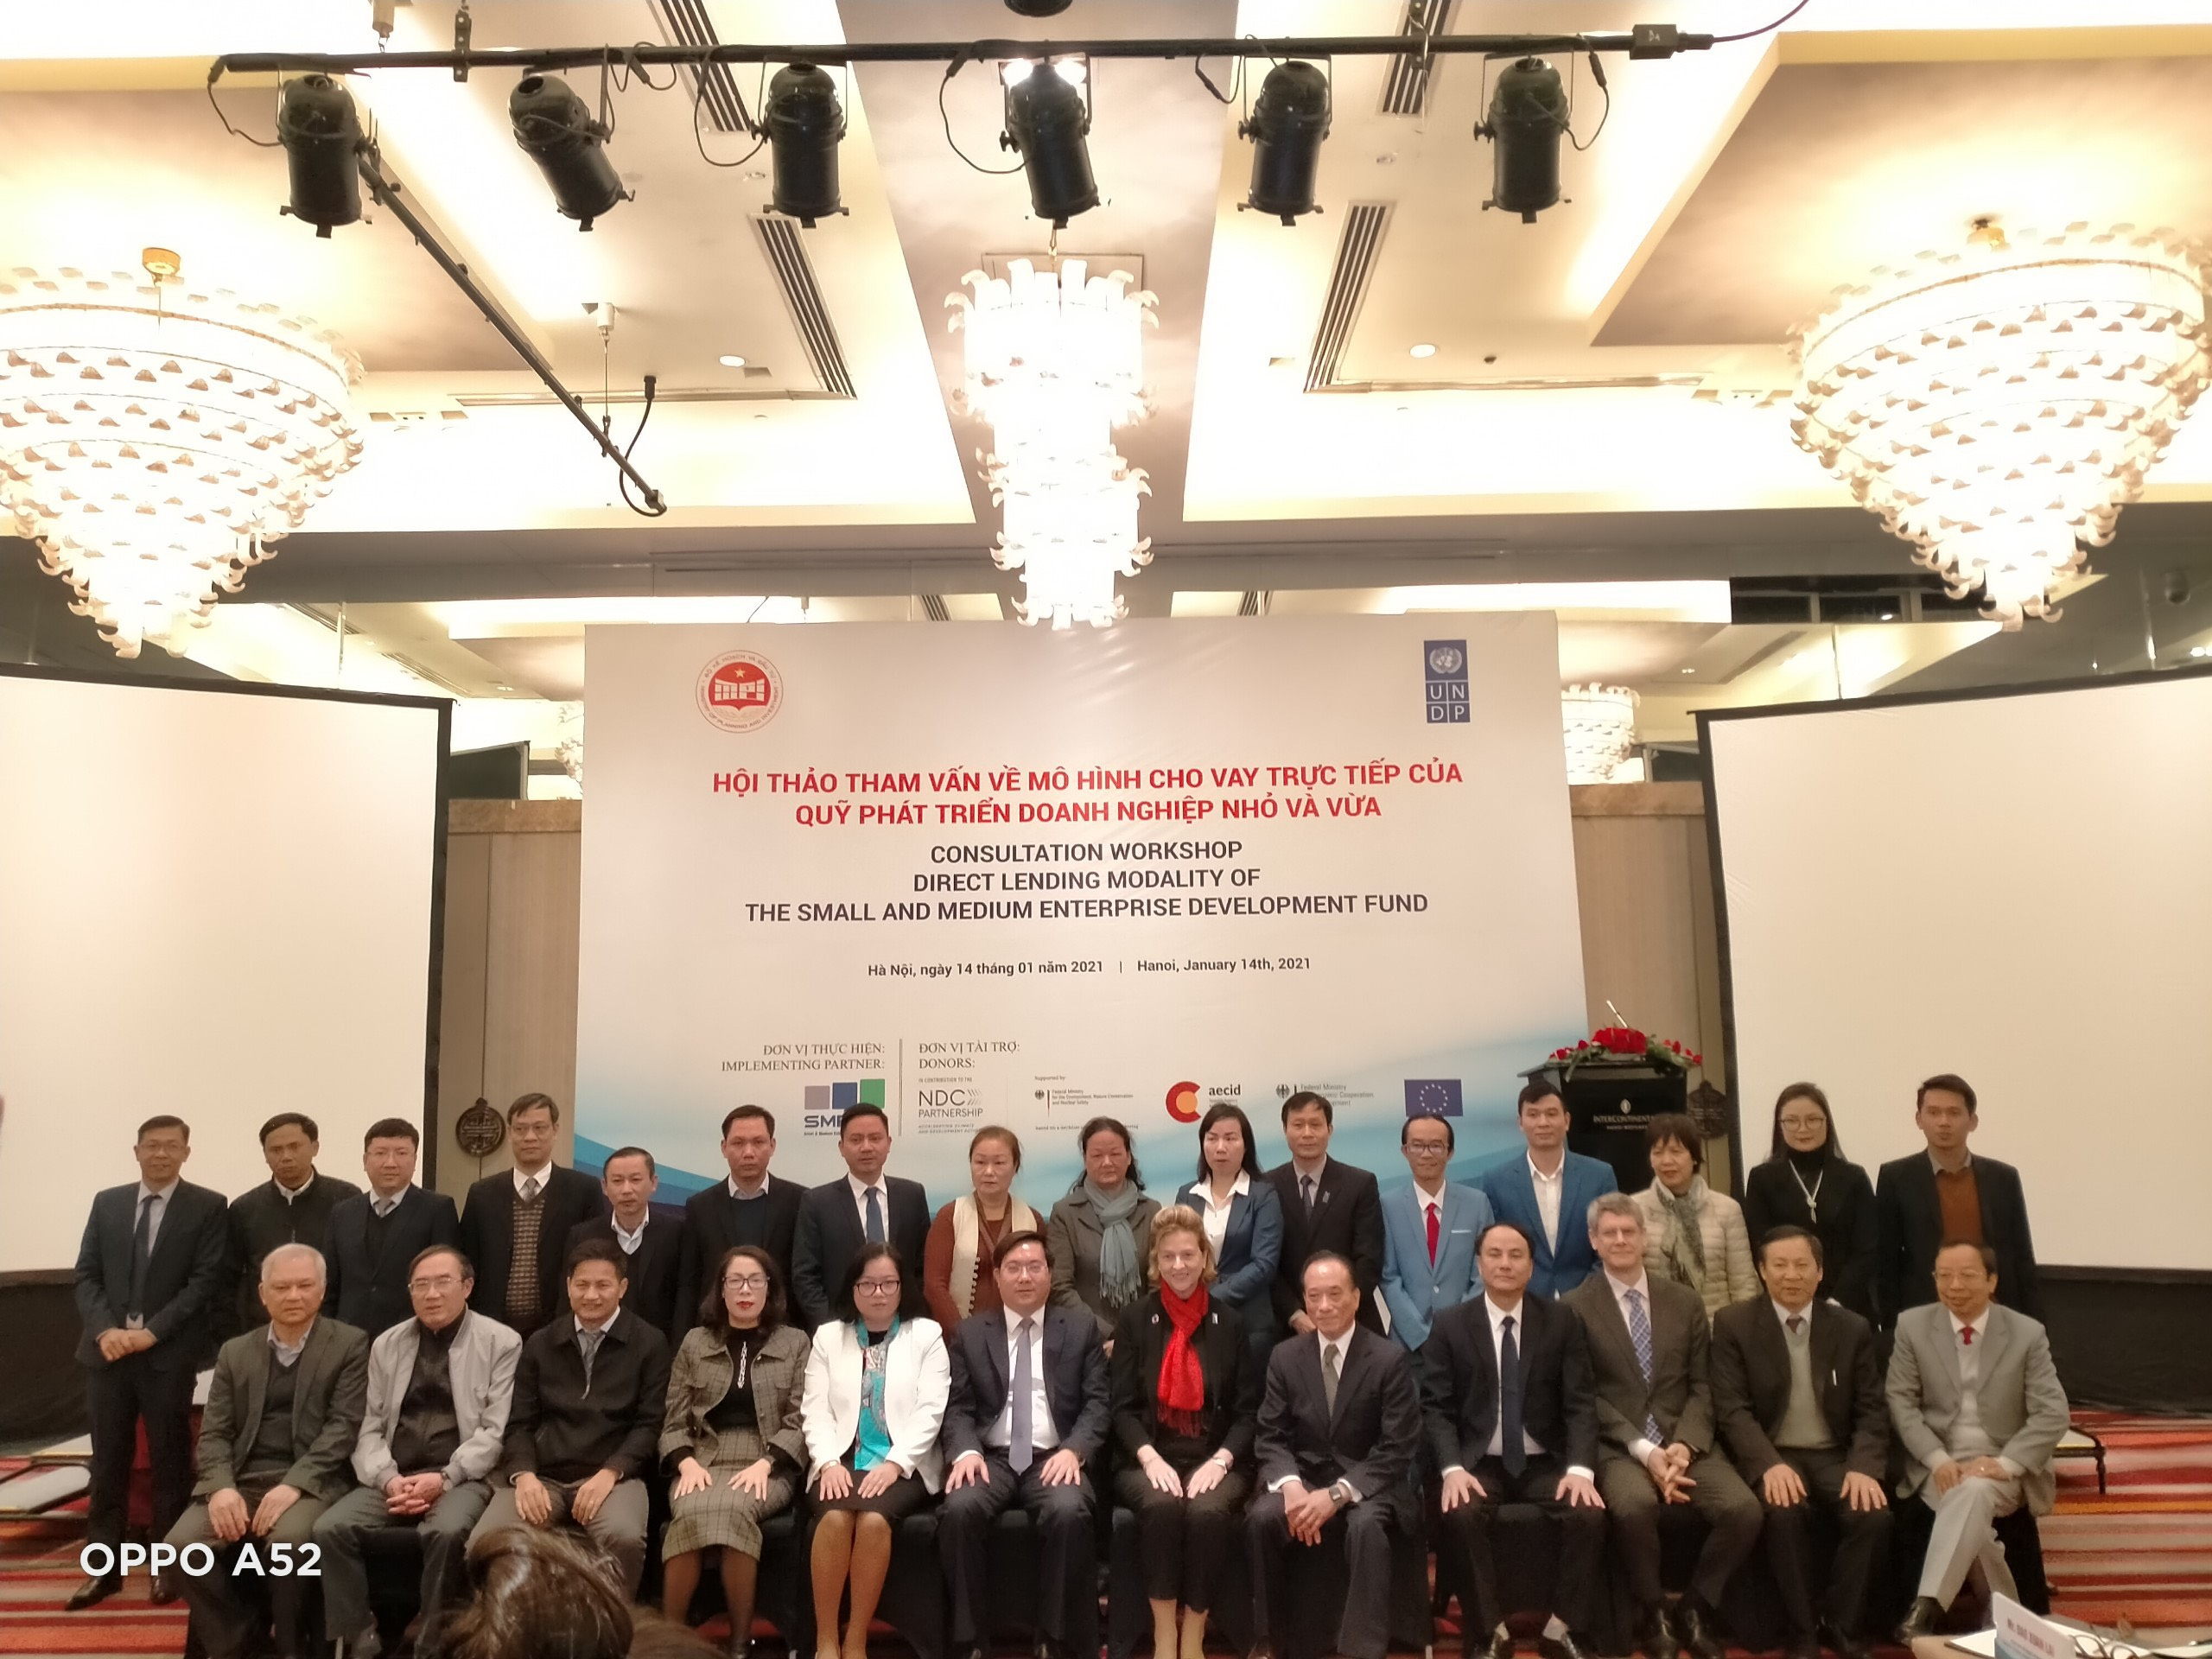 Hội thảo tham vấn về mô hình cho vay trực tiếp của quỹ phát triển doanh nghiệp nhỏ và vừa